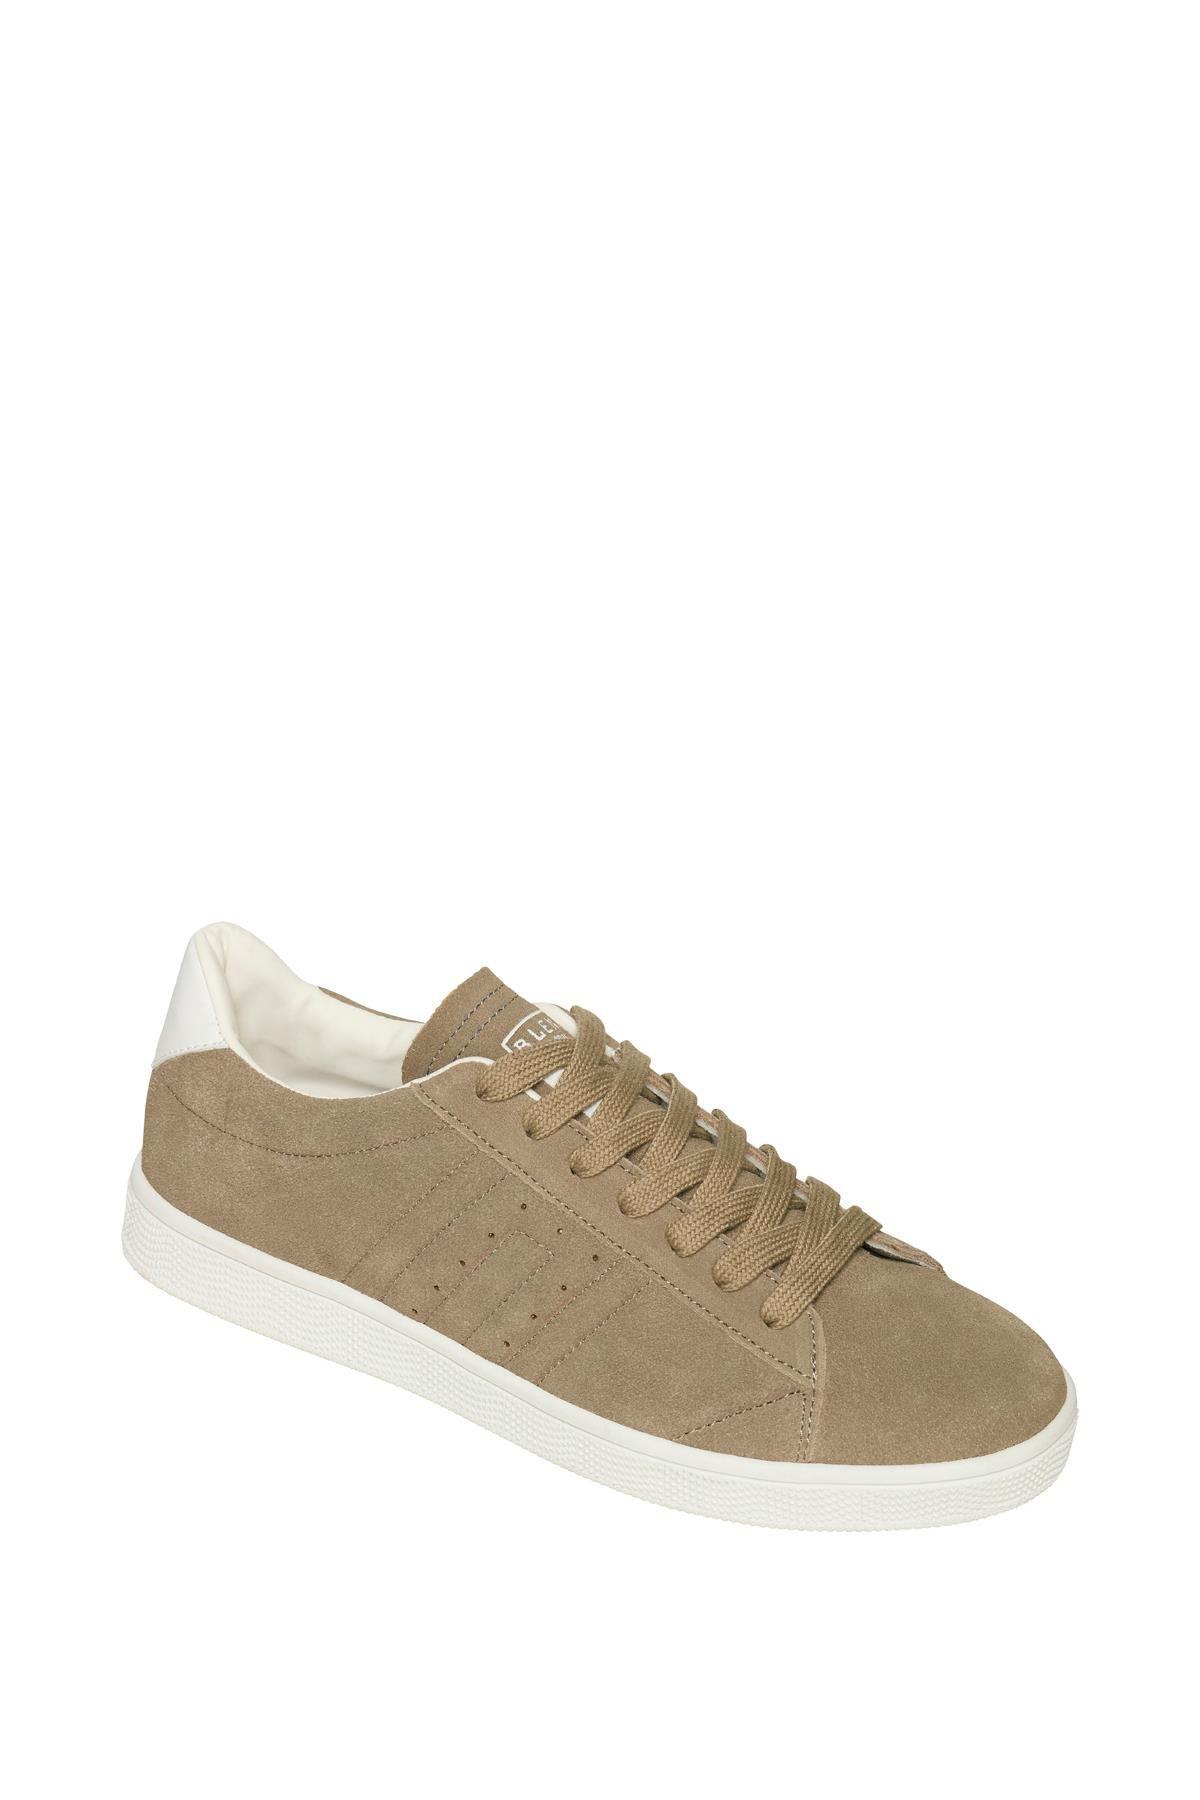 BLEND Blend Schuhe